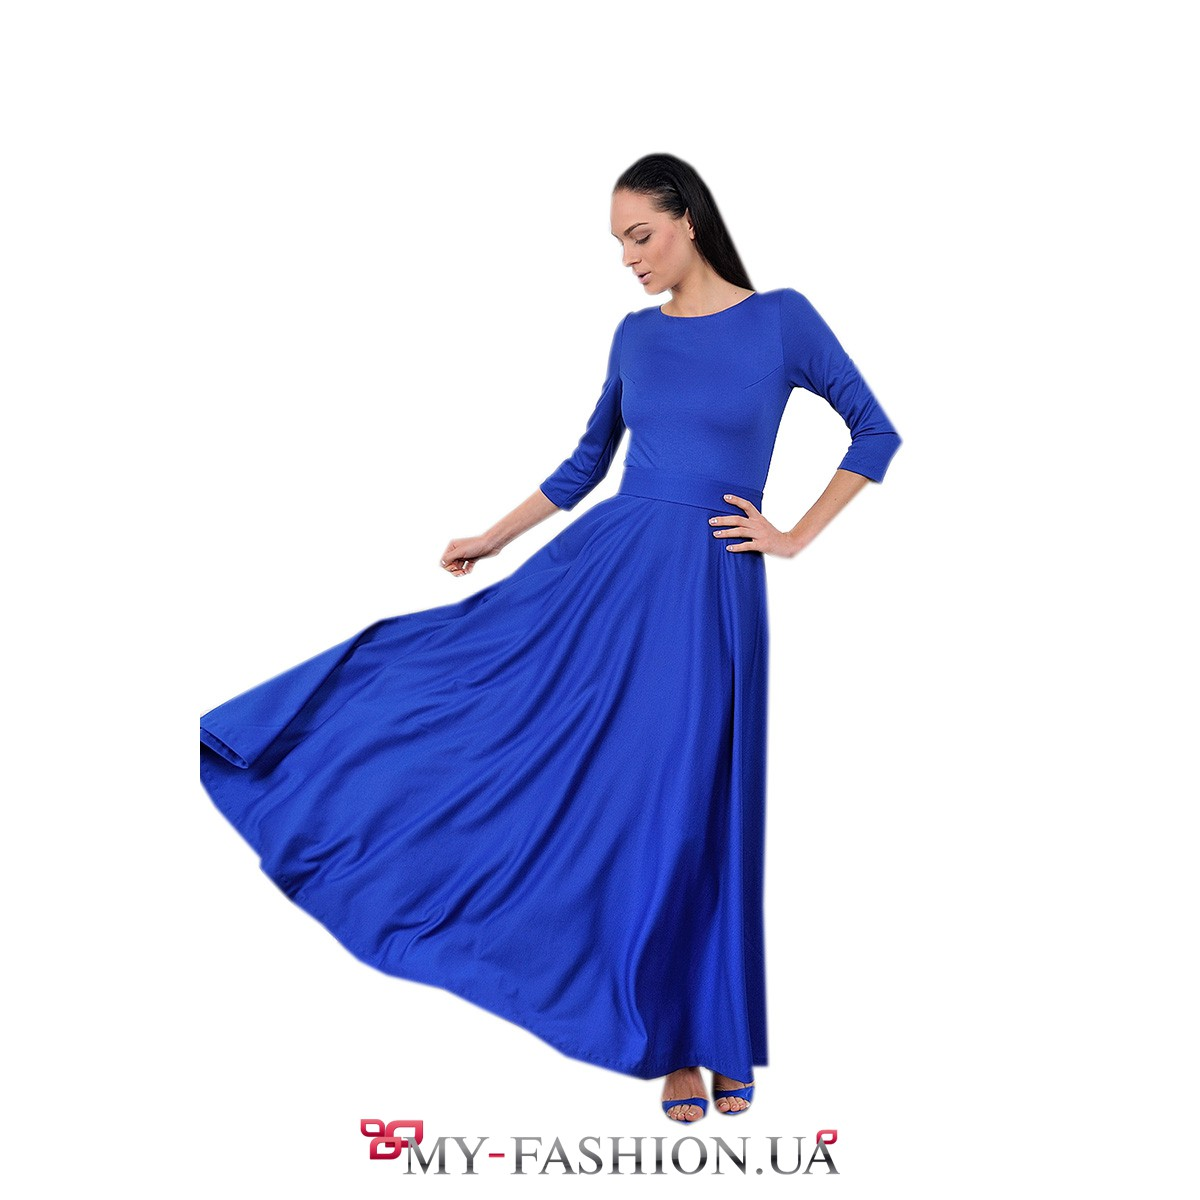 Купить длинное синие платье